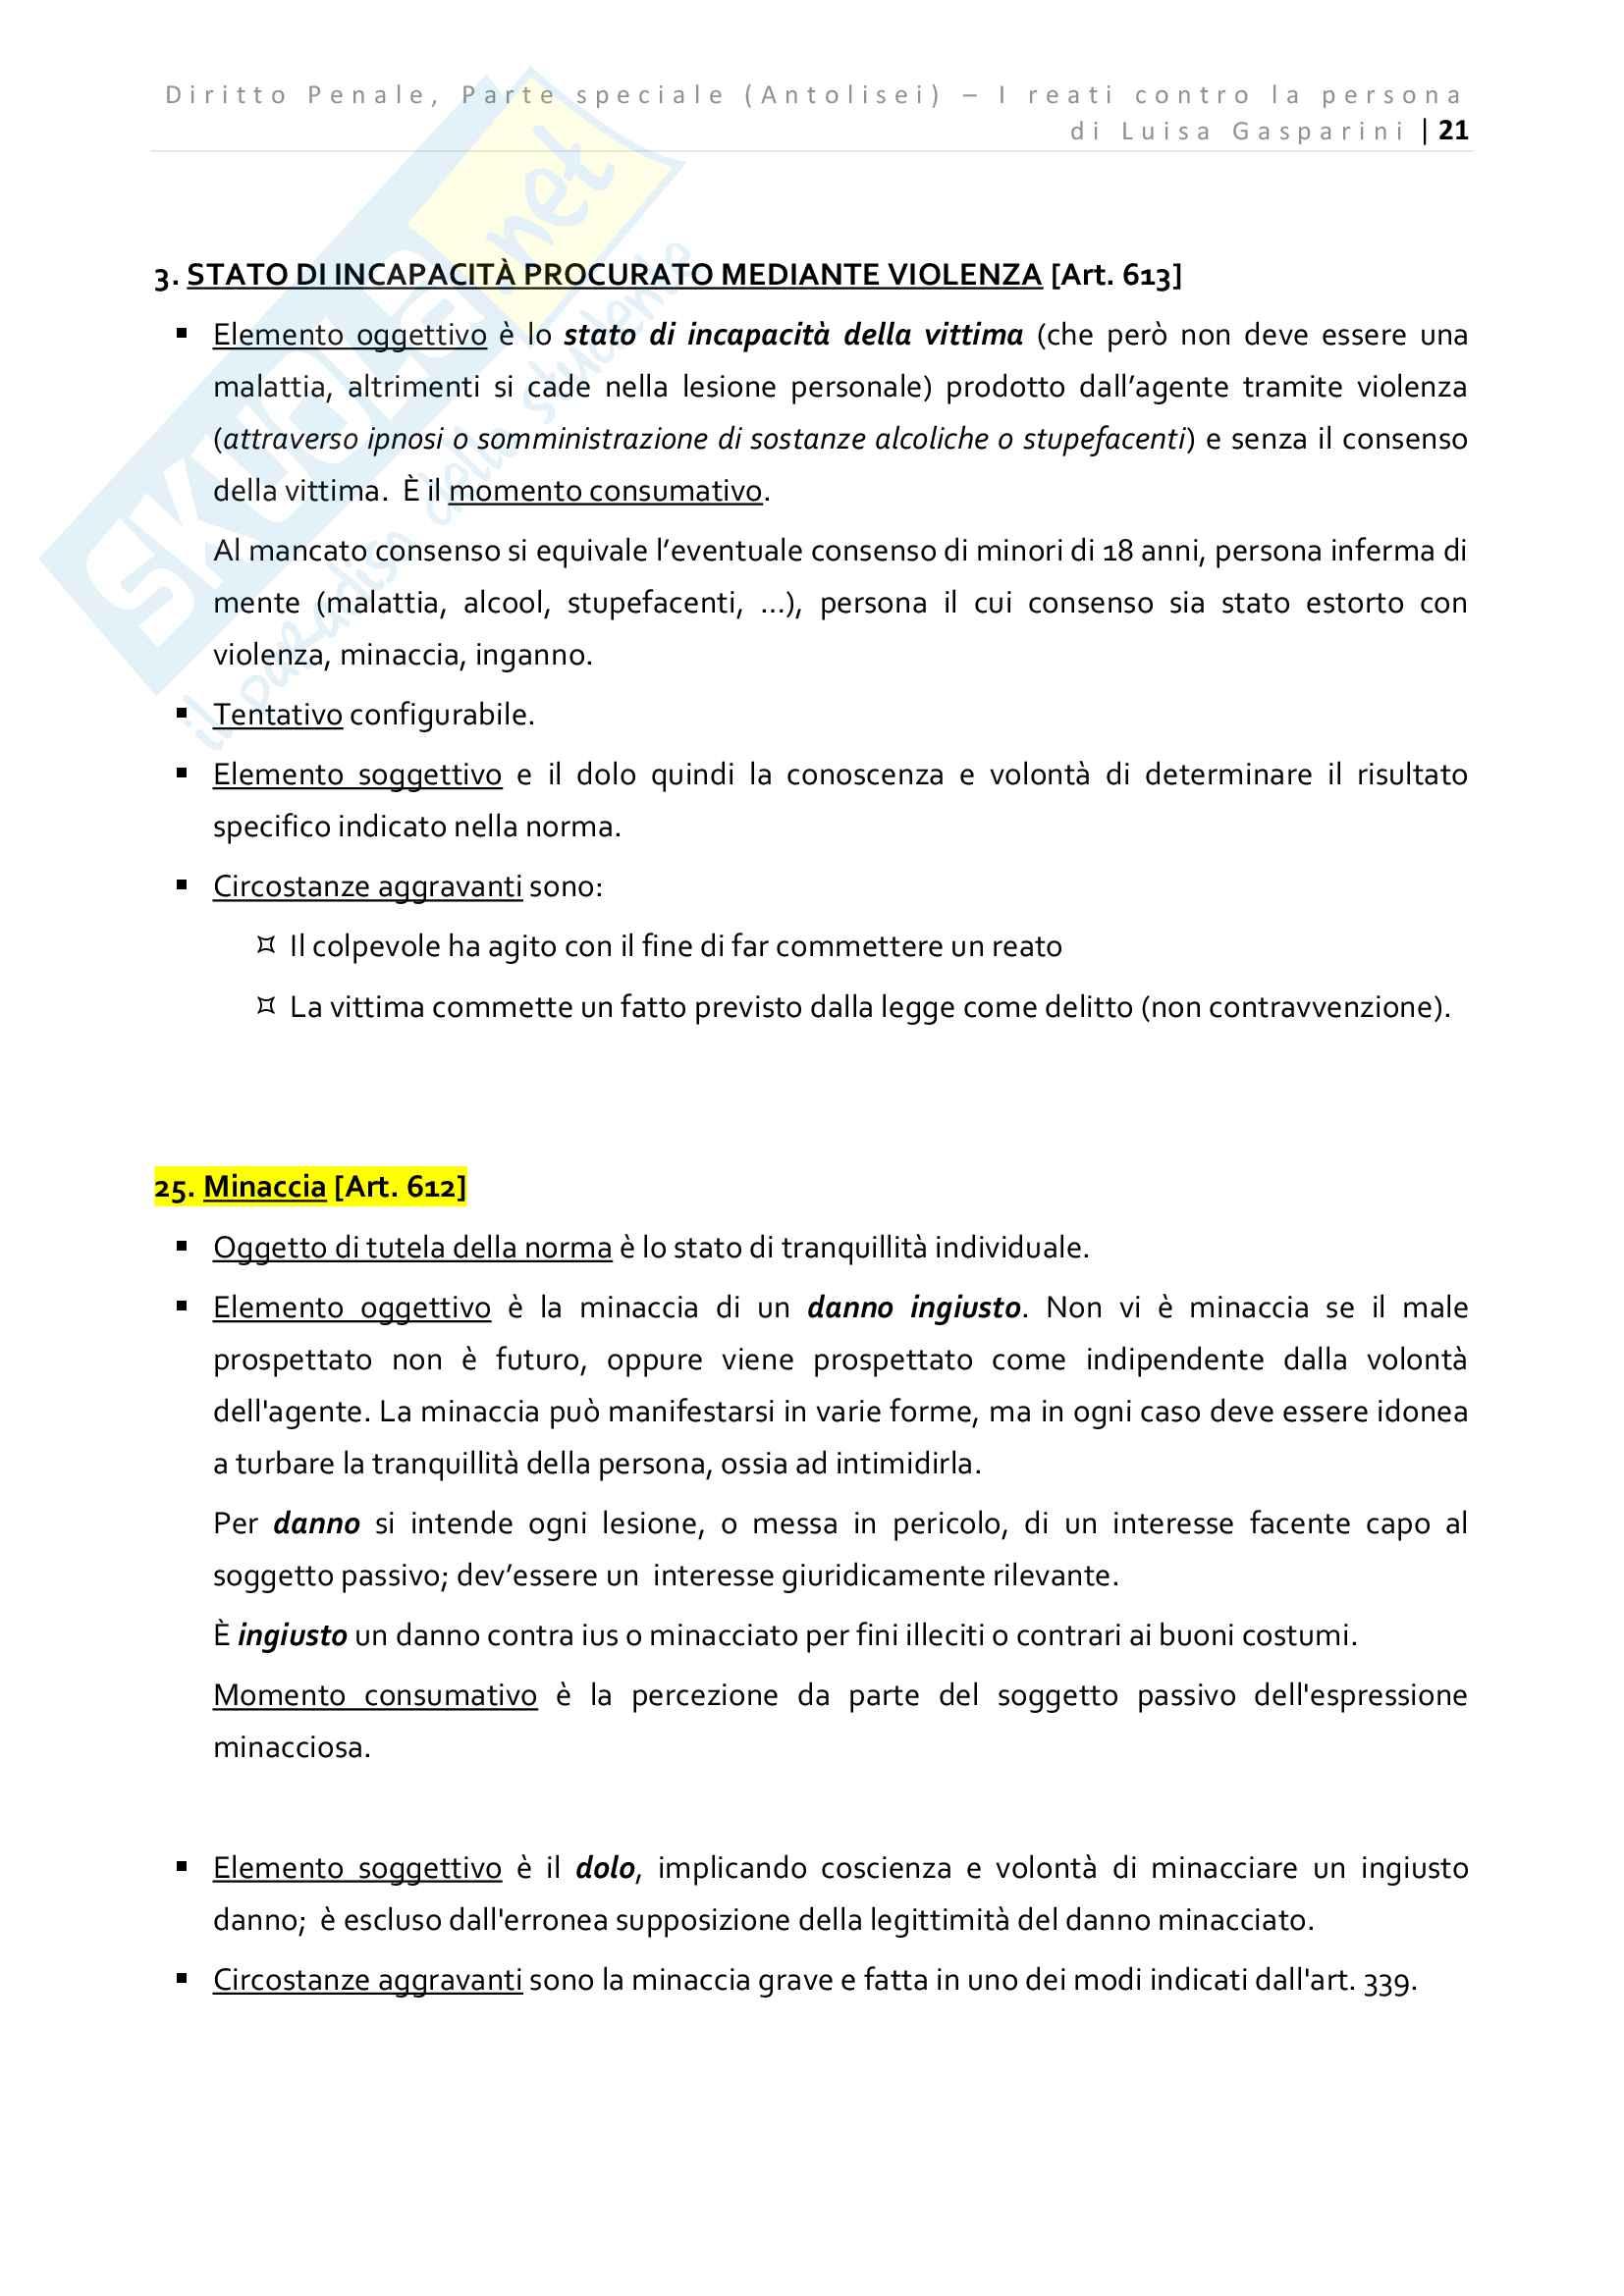 Riassunto esame Diritto Penale - Parte speciale, professor Prosdocimi, libro consigliato Diritto Penale Parte Speciale Antolisei Pag. 21